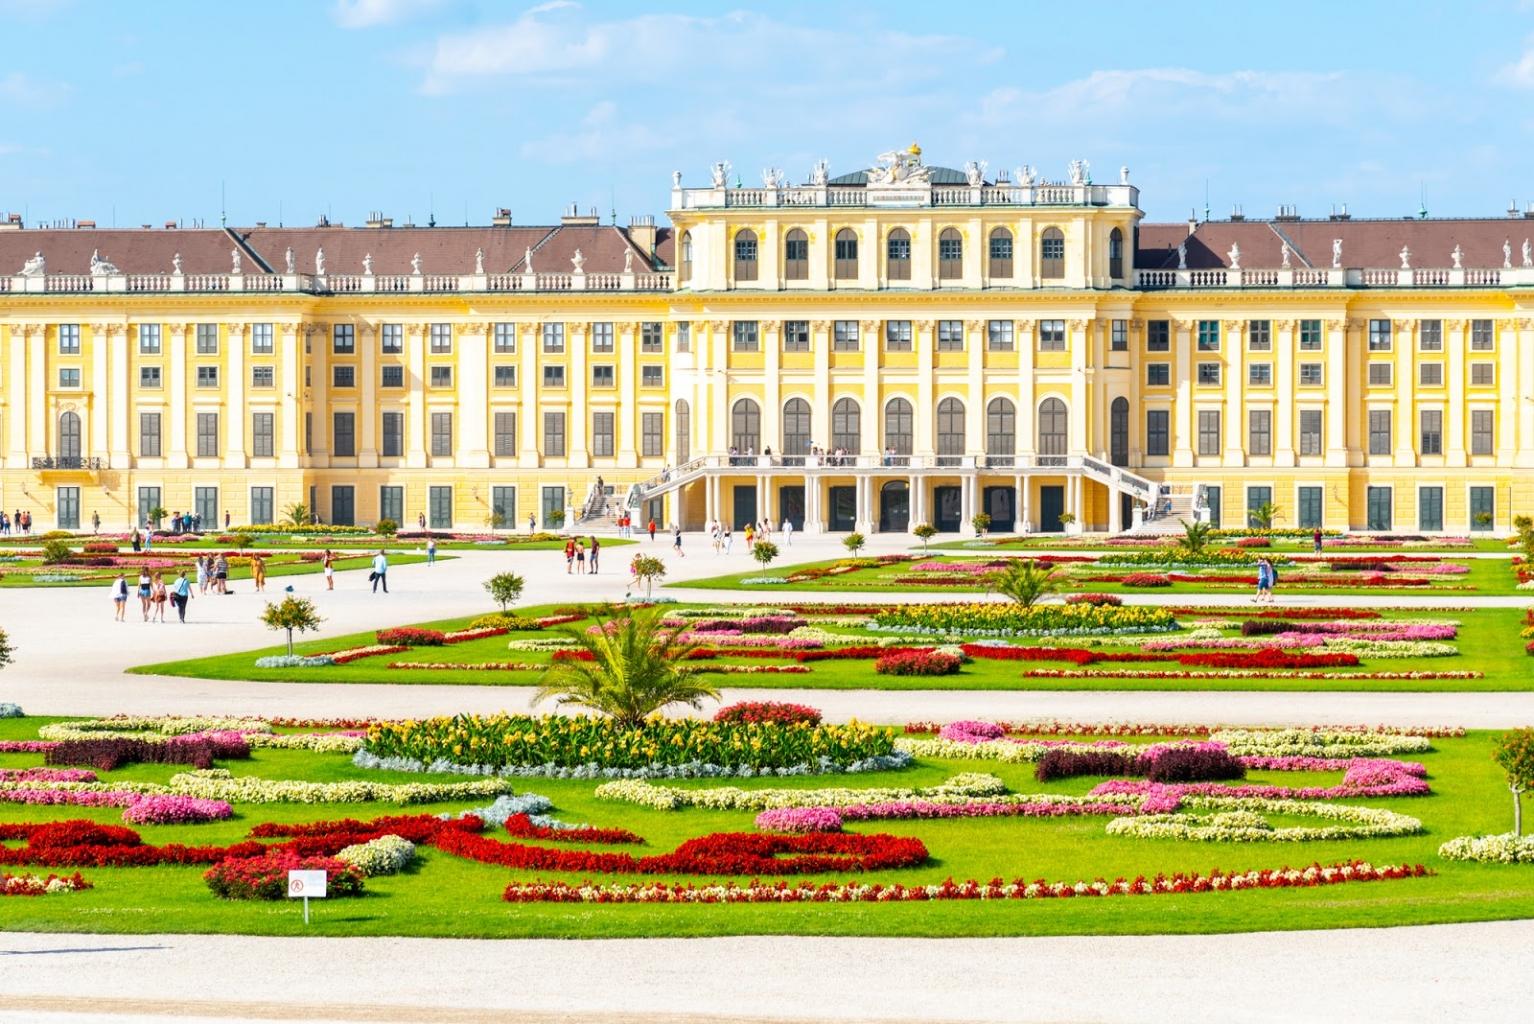 Eines der schönsten Freizeitprogramm in Wien ist ein Besuch im Schloss Schönbrunn